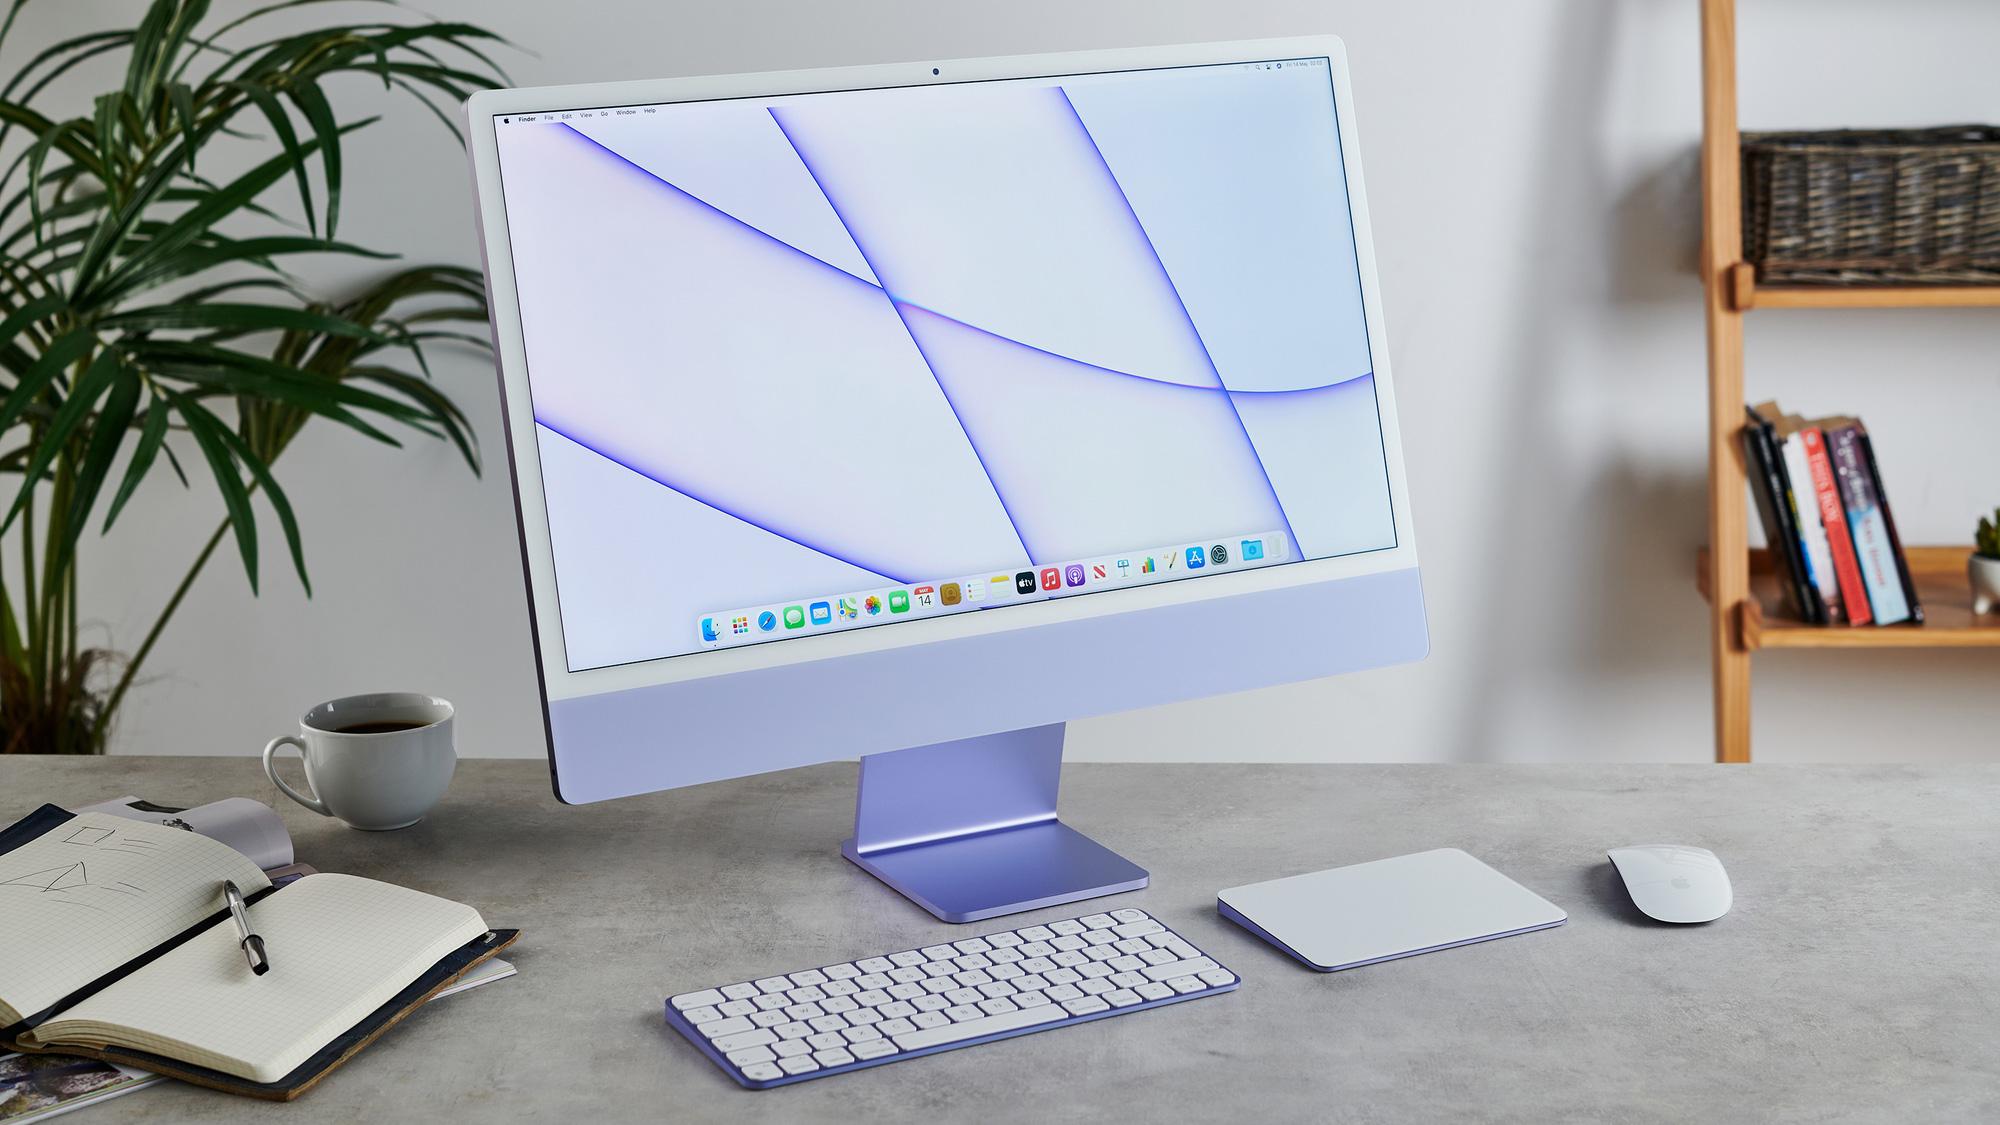 iPad mini 6 lộ thiết kế mới: Viền màn hình mỏng hơn, Touch ID tích hợp vào phím nguồn, ra mắt ngay trong năm nay! - Ảnh 1.